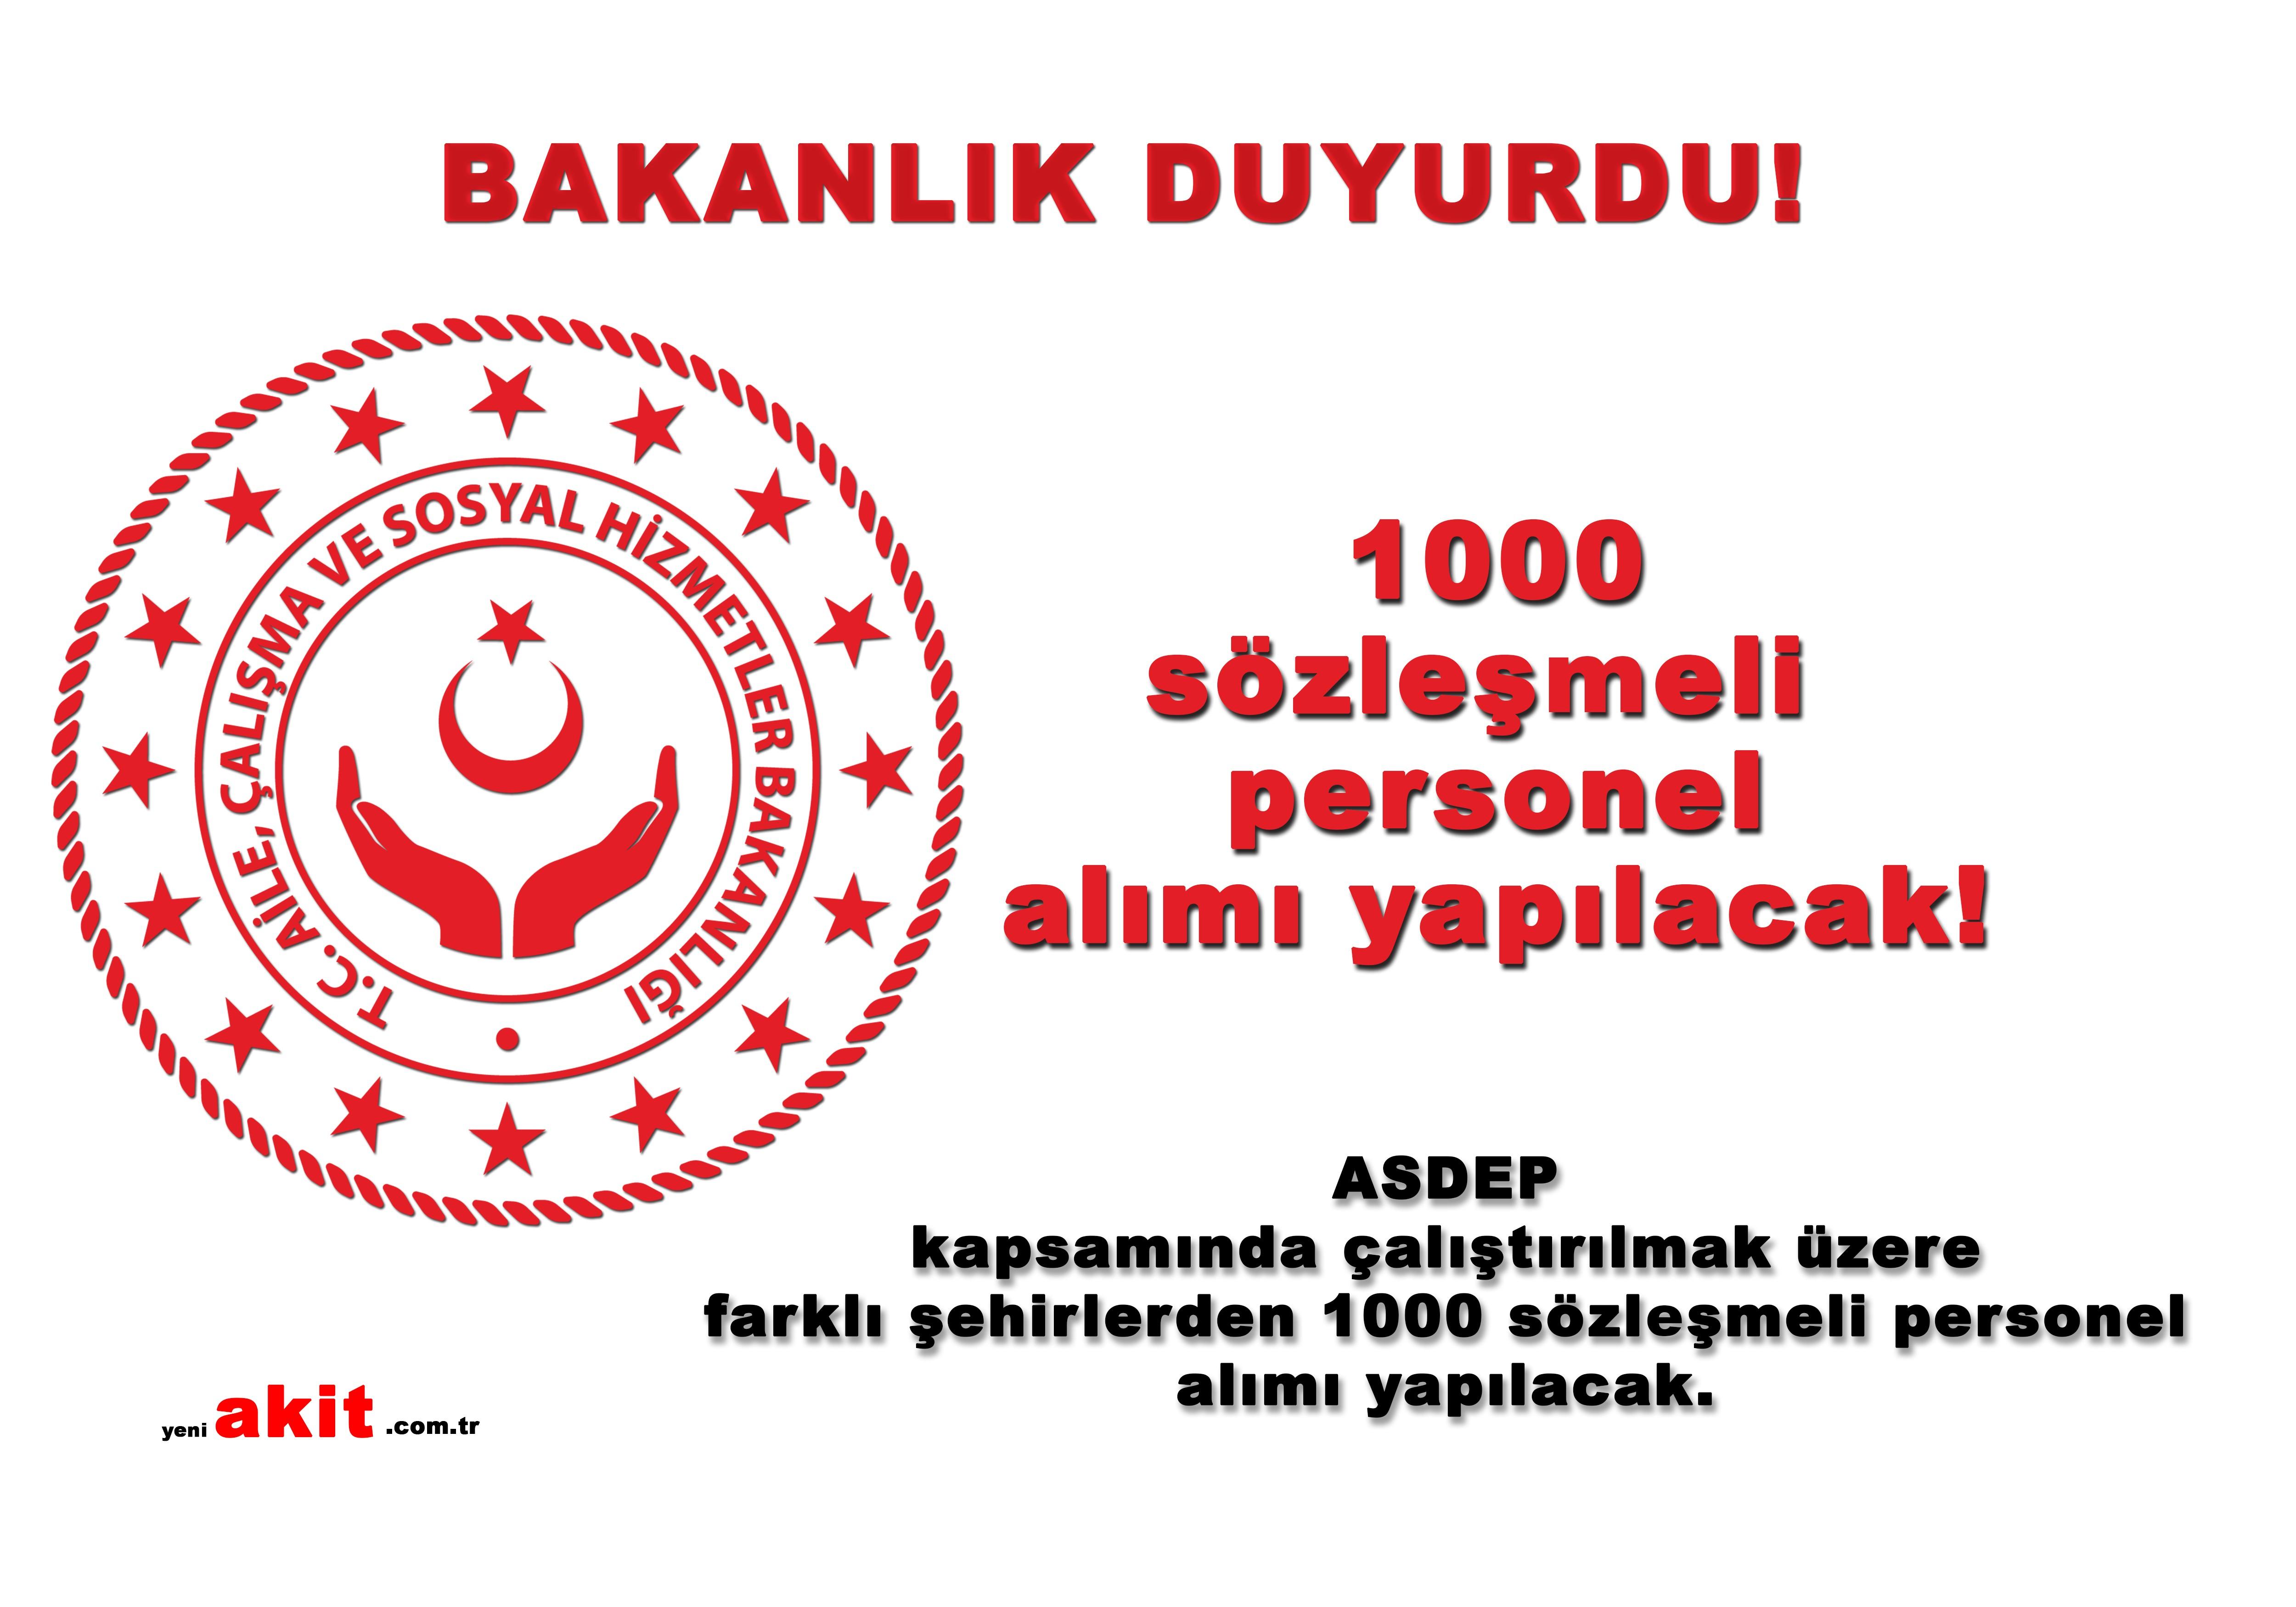 ASDEP kapsamında 1000 personel alınacak!